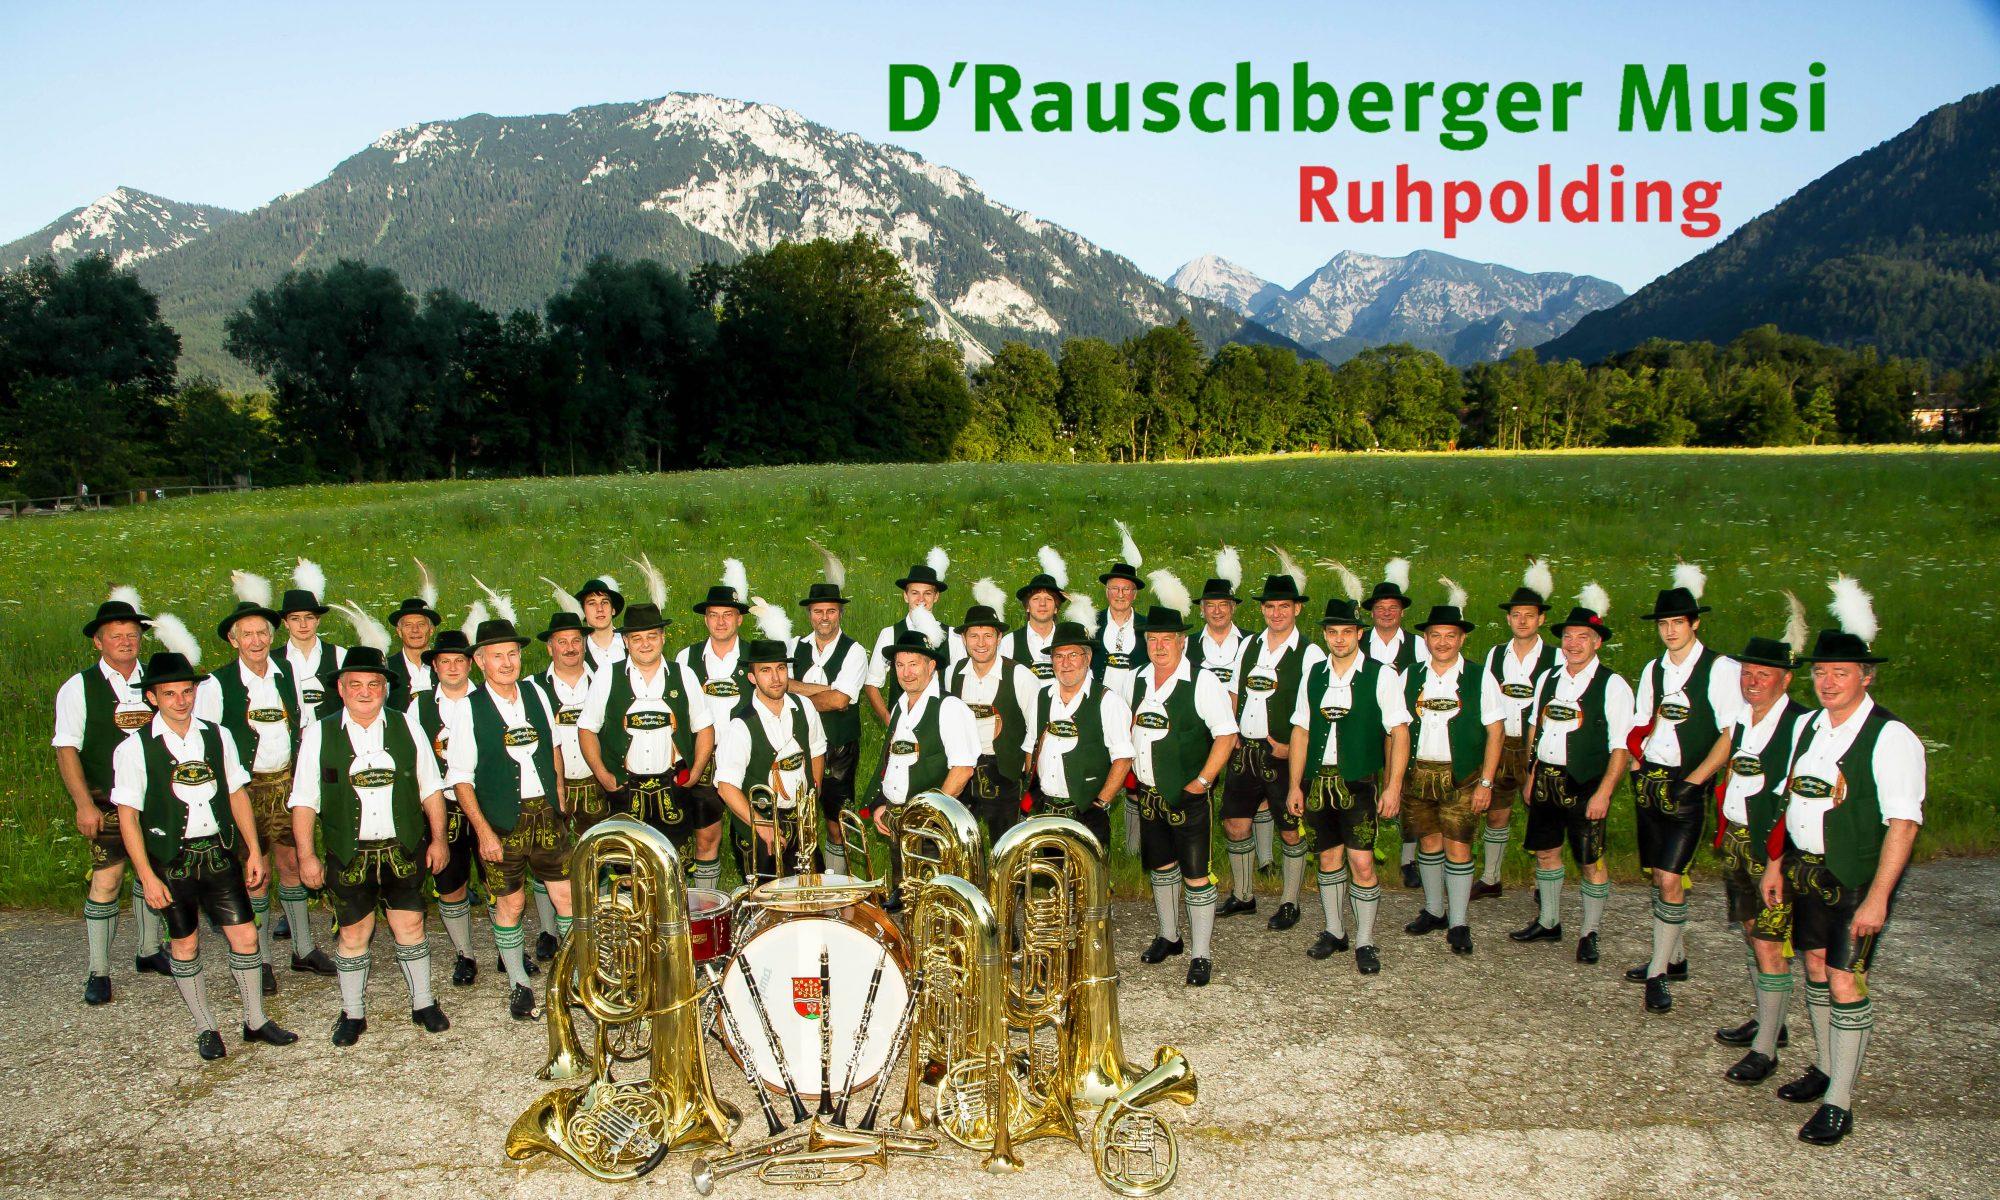 Rauschberger Musi